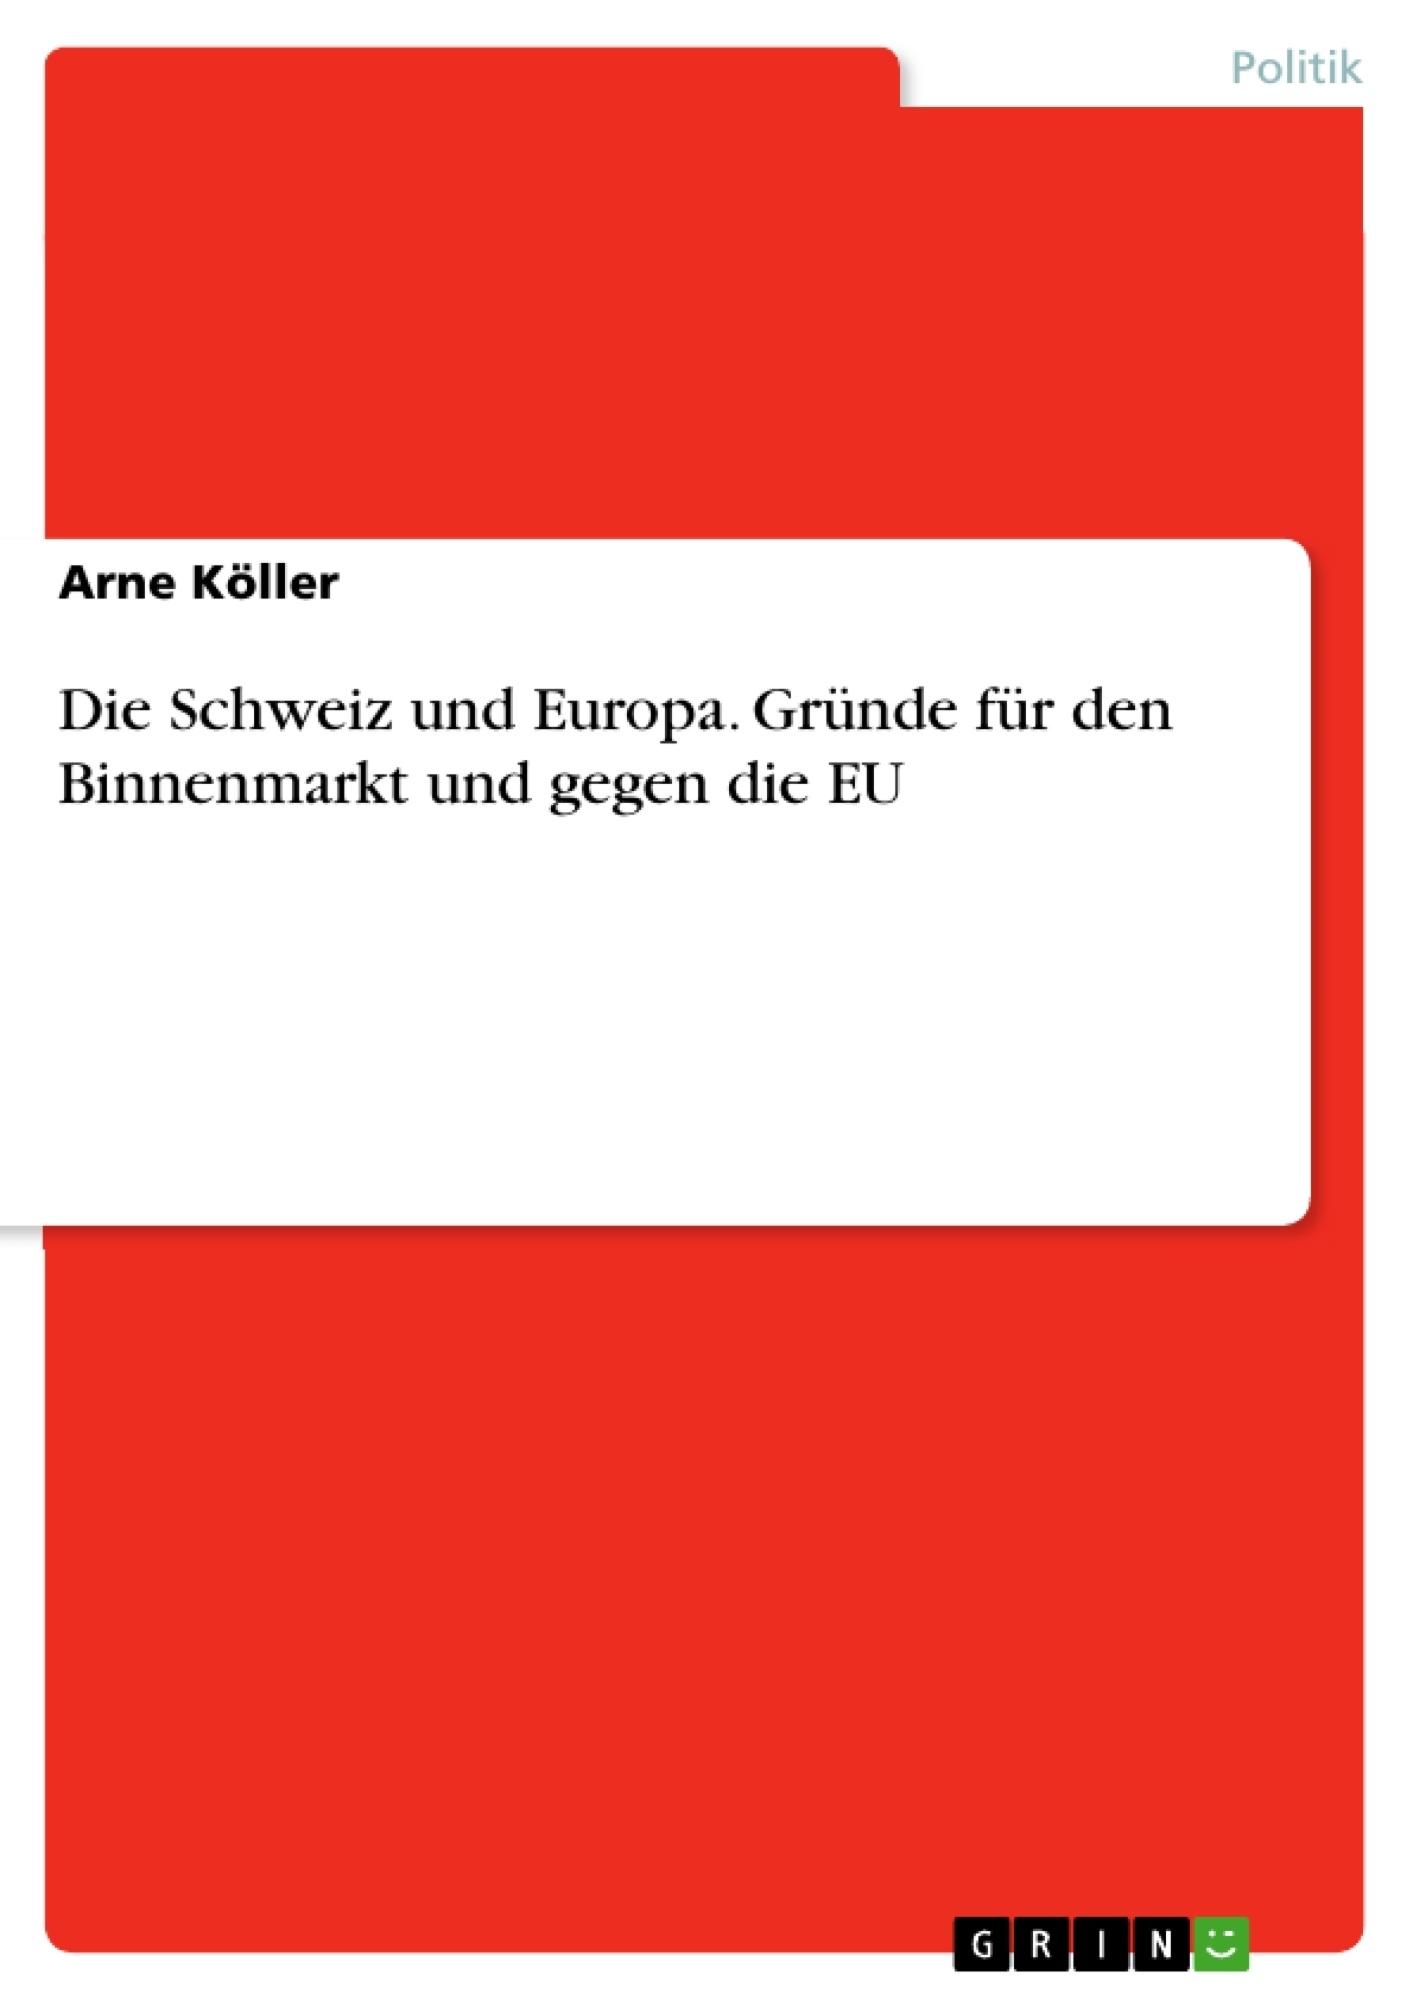 Titel: Die Schweiz und Europa. Gründe für den Binnenmarkt und gegen die EU